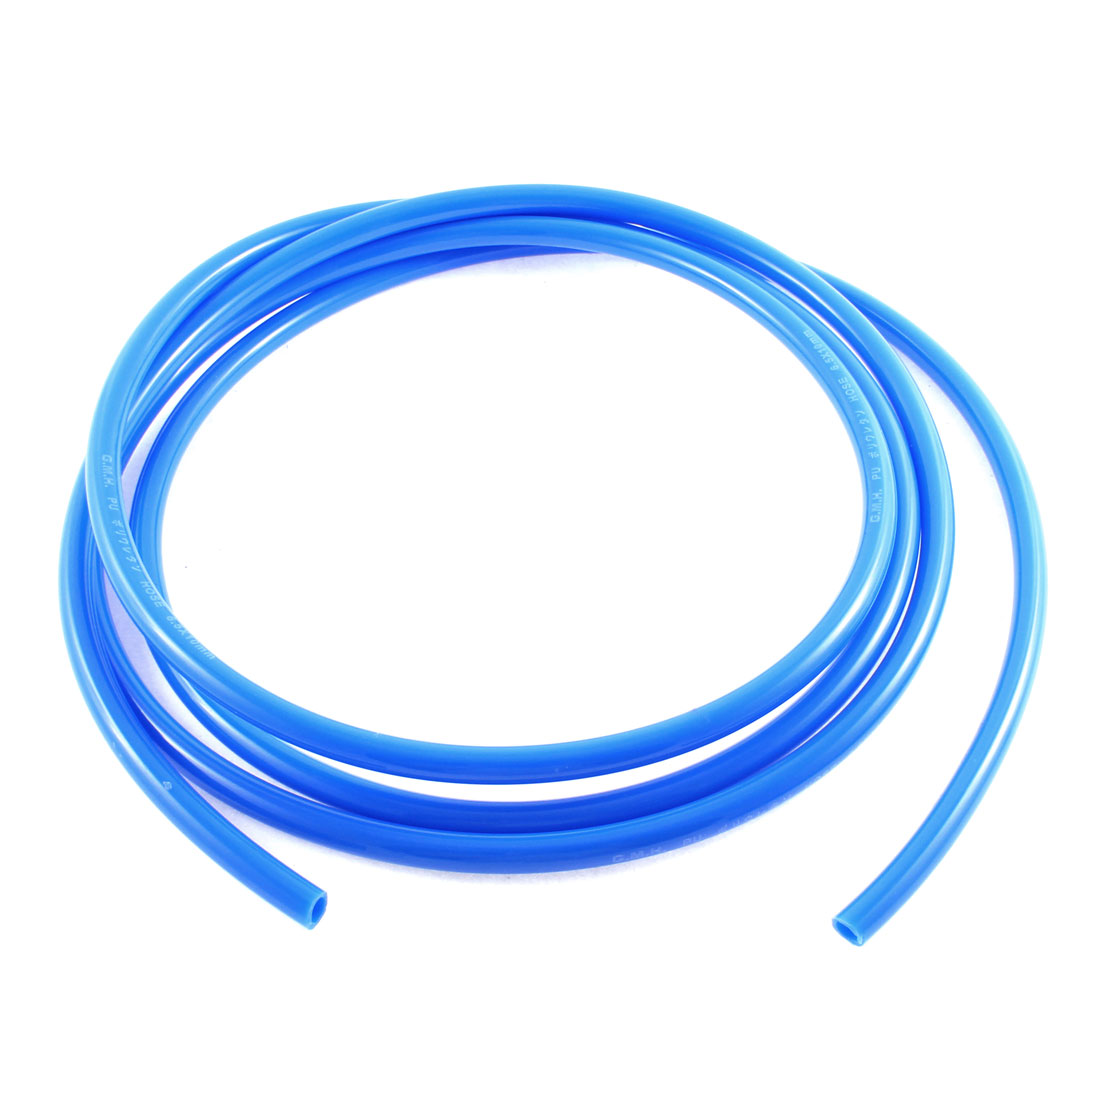 6.5mm Inner Dia 10'  PU Air Line Tubing Aquarium Fishbowl Tube Pipe Hose